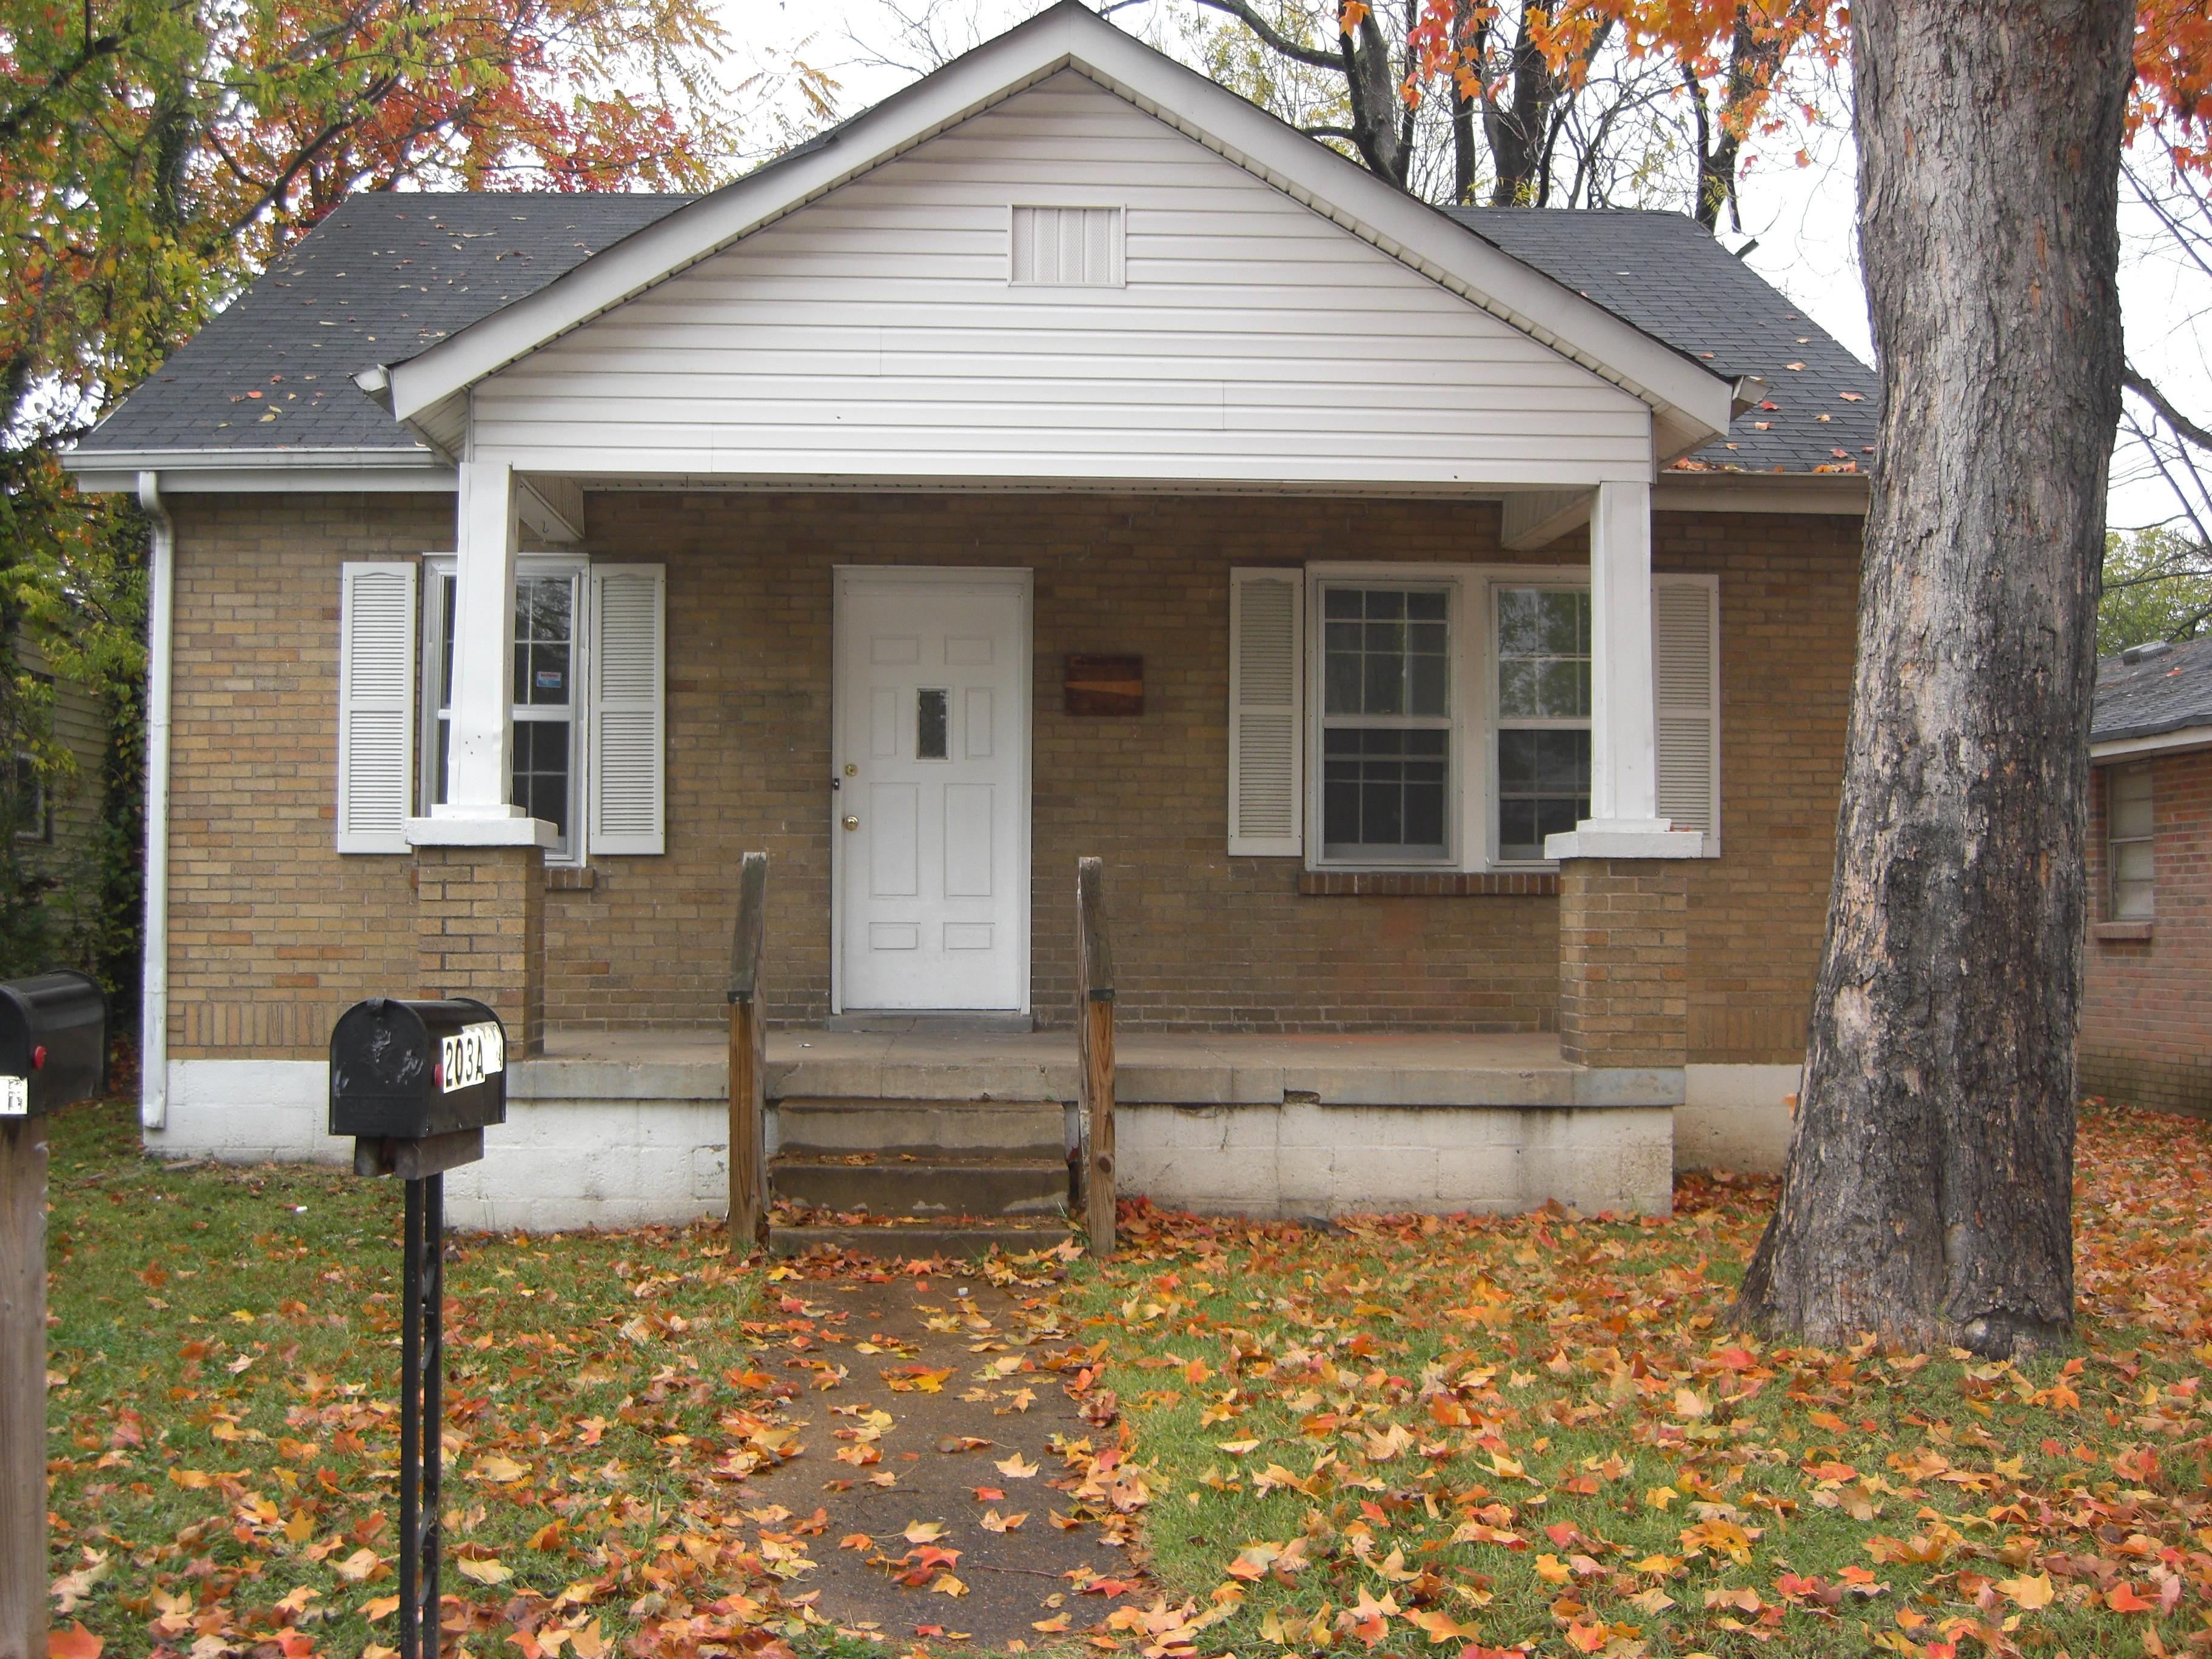 731 Joseph Ave Nashville Tn 37207 4 Bedroom Apartment For Rent Padmapper